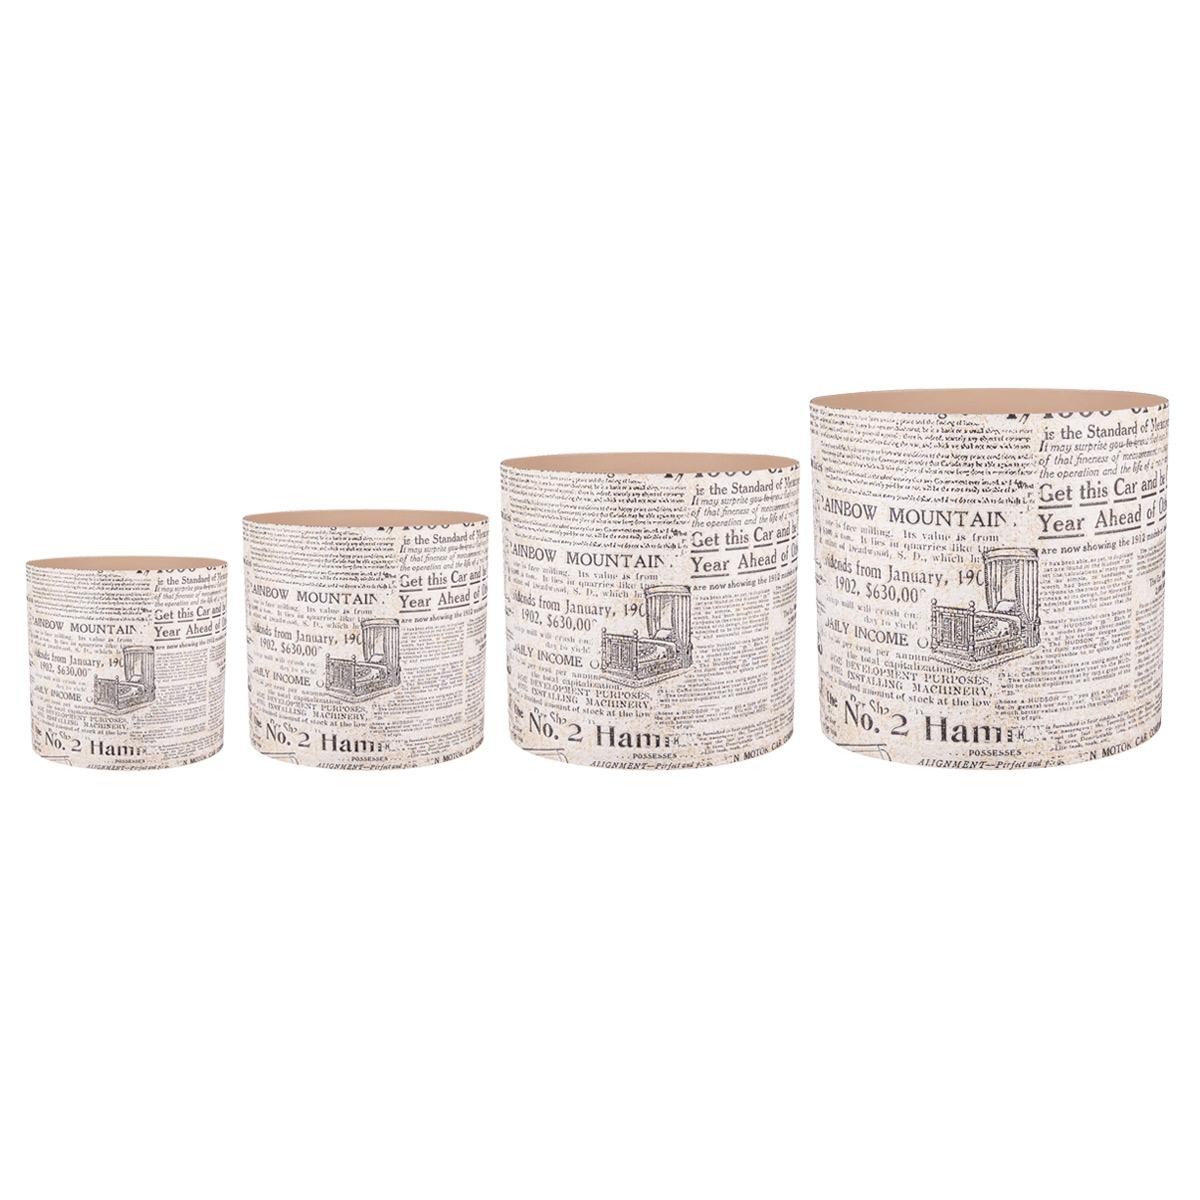 Набор горшков для цветов Miolla Газетный стиль, со скрытым поддоном, 4 предметаZ-0307Набор Miolla Газетный стиль состоит из 4 горшков со скрытыми поддонами. Горшкивыполнены из пластика и декорированы красочным рисунком. Изделия предназначены для цветов.Такие изделия часто становятся последним штрихом, который совершенно изменяет интерьер помещения или ландшафтный дизайн сада. Благодаря такому набору вы сможете украсить вашу комнату, офис, сад и другие места. Изделия оснащены специальными скрытыми поддонами.Диаметр горшков: 20,5 см, 16,5 см, 13,5 см, 11,5 см.Высота горшков (с учетом поддона): 19 см, 16 см, 13,5 см, 11,5 см.Объем горшков: 1 л, 1,7 л, 2,8 л, 5,1 л.